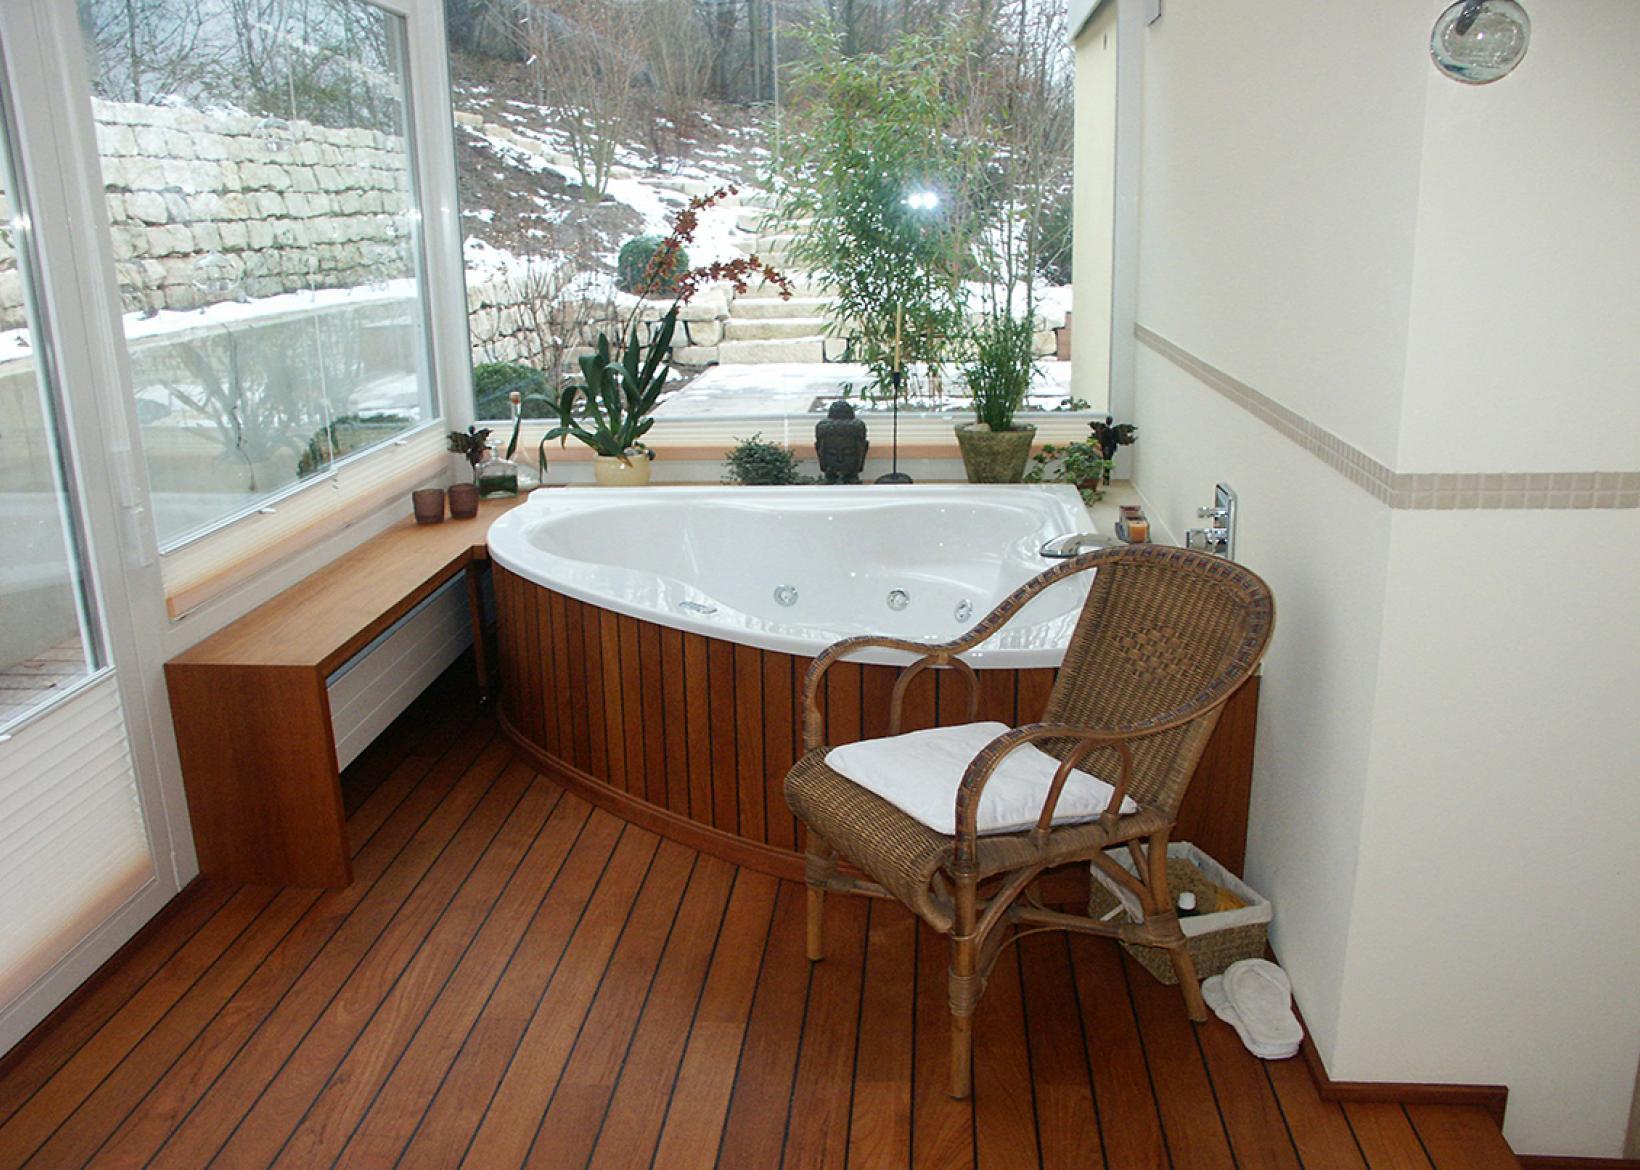 holz im bad holz vogel. Black Bedroom Furniture Sets. Home Design Ideas